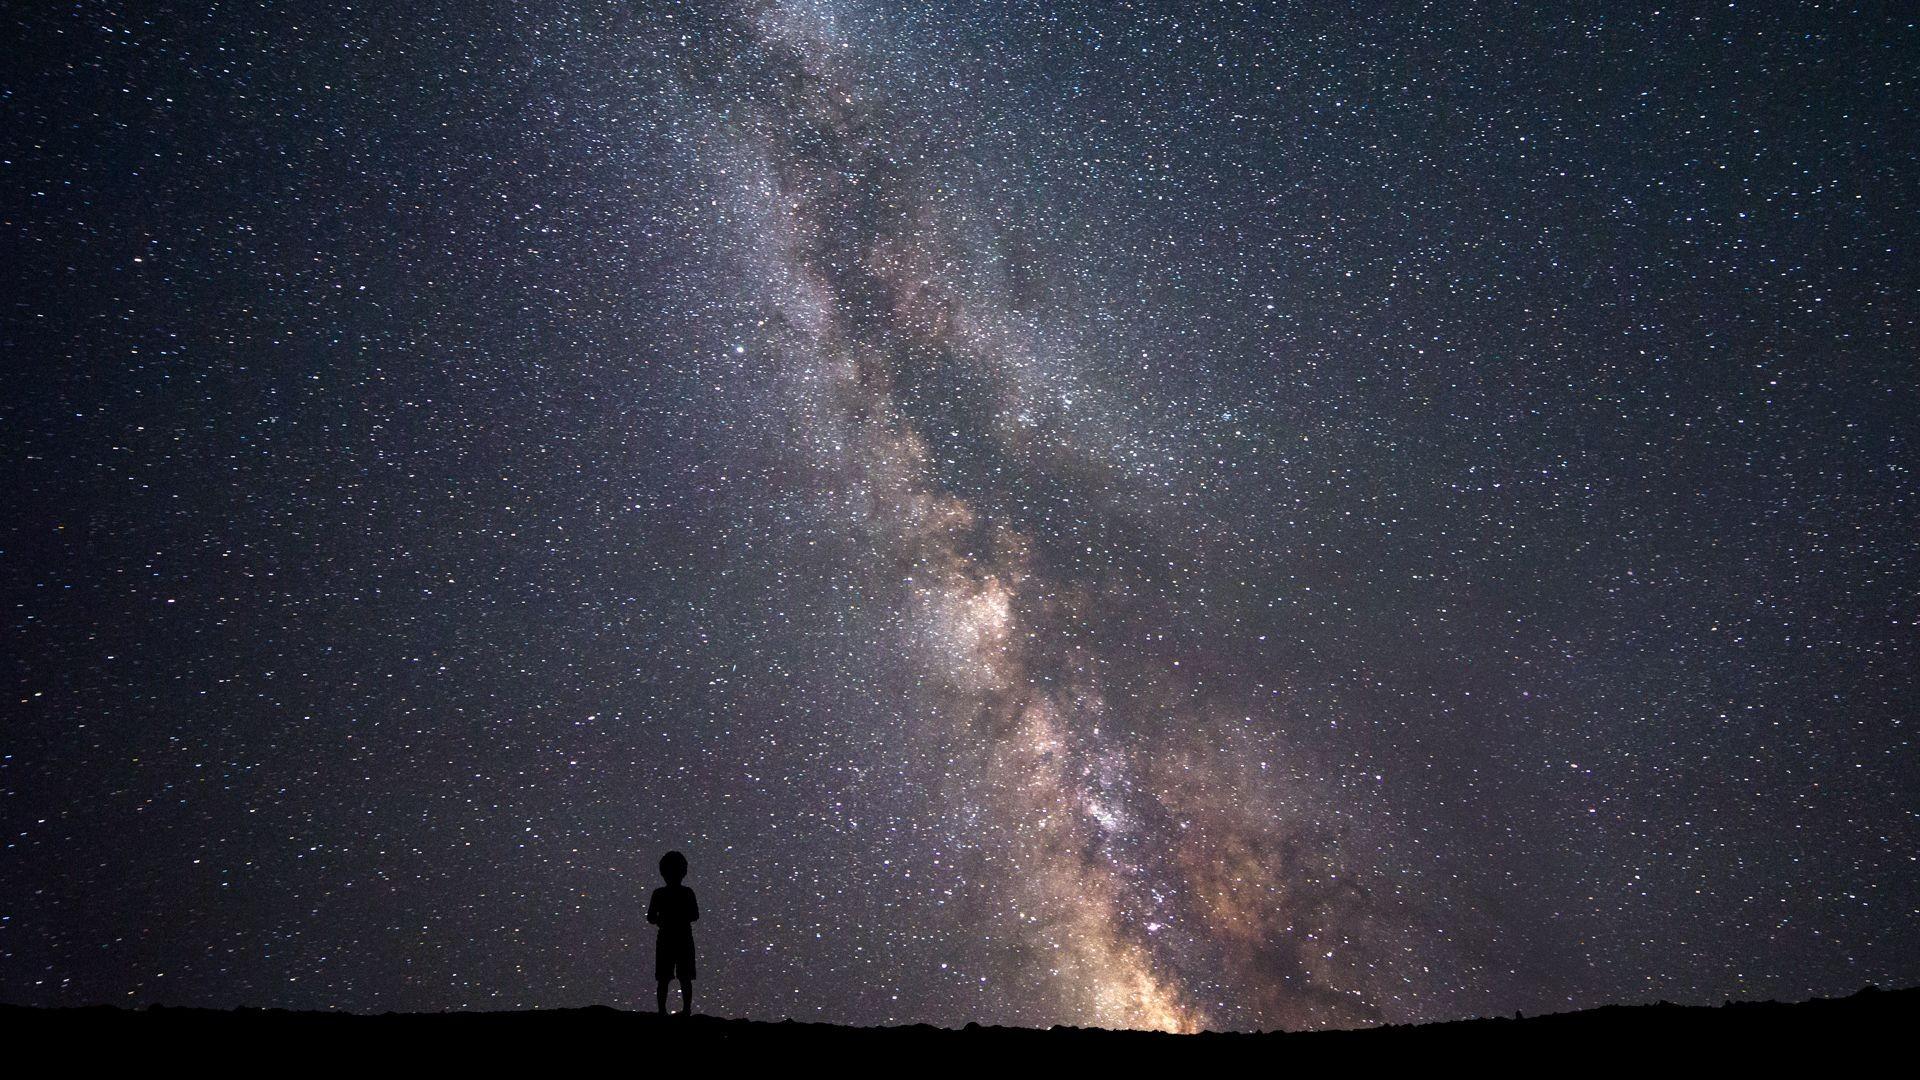 фото млечного пути на небе знаете